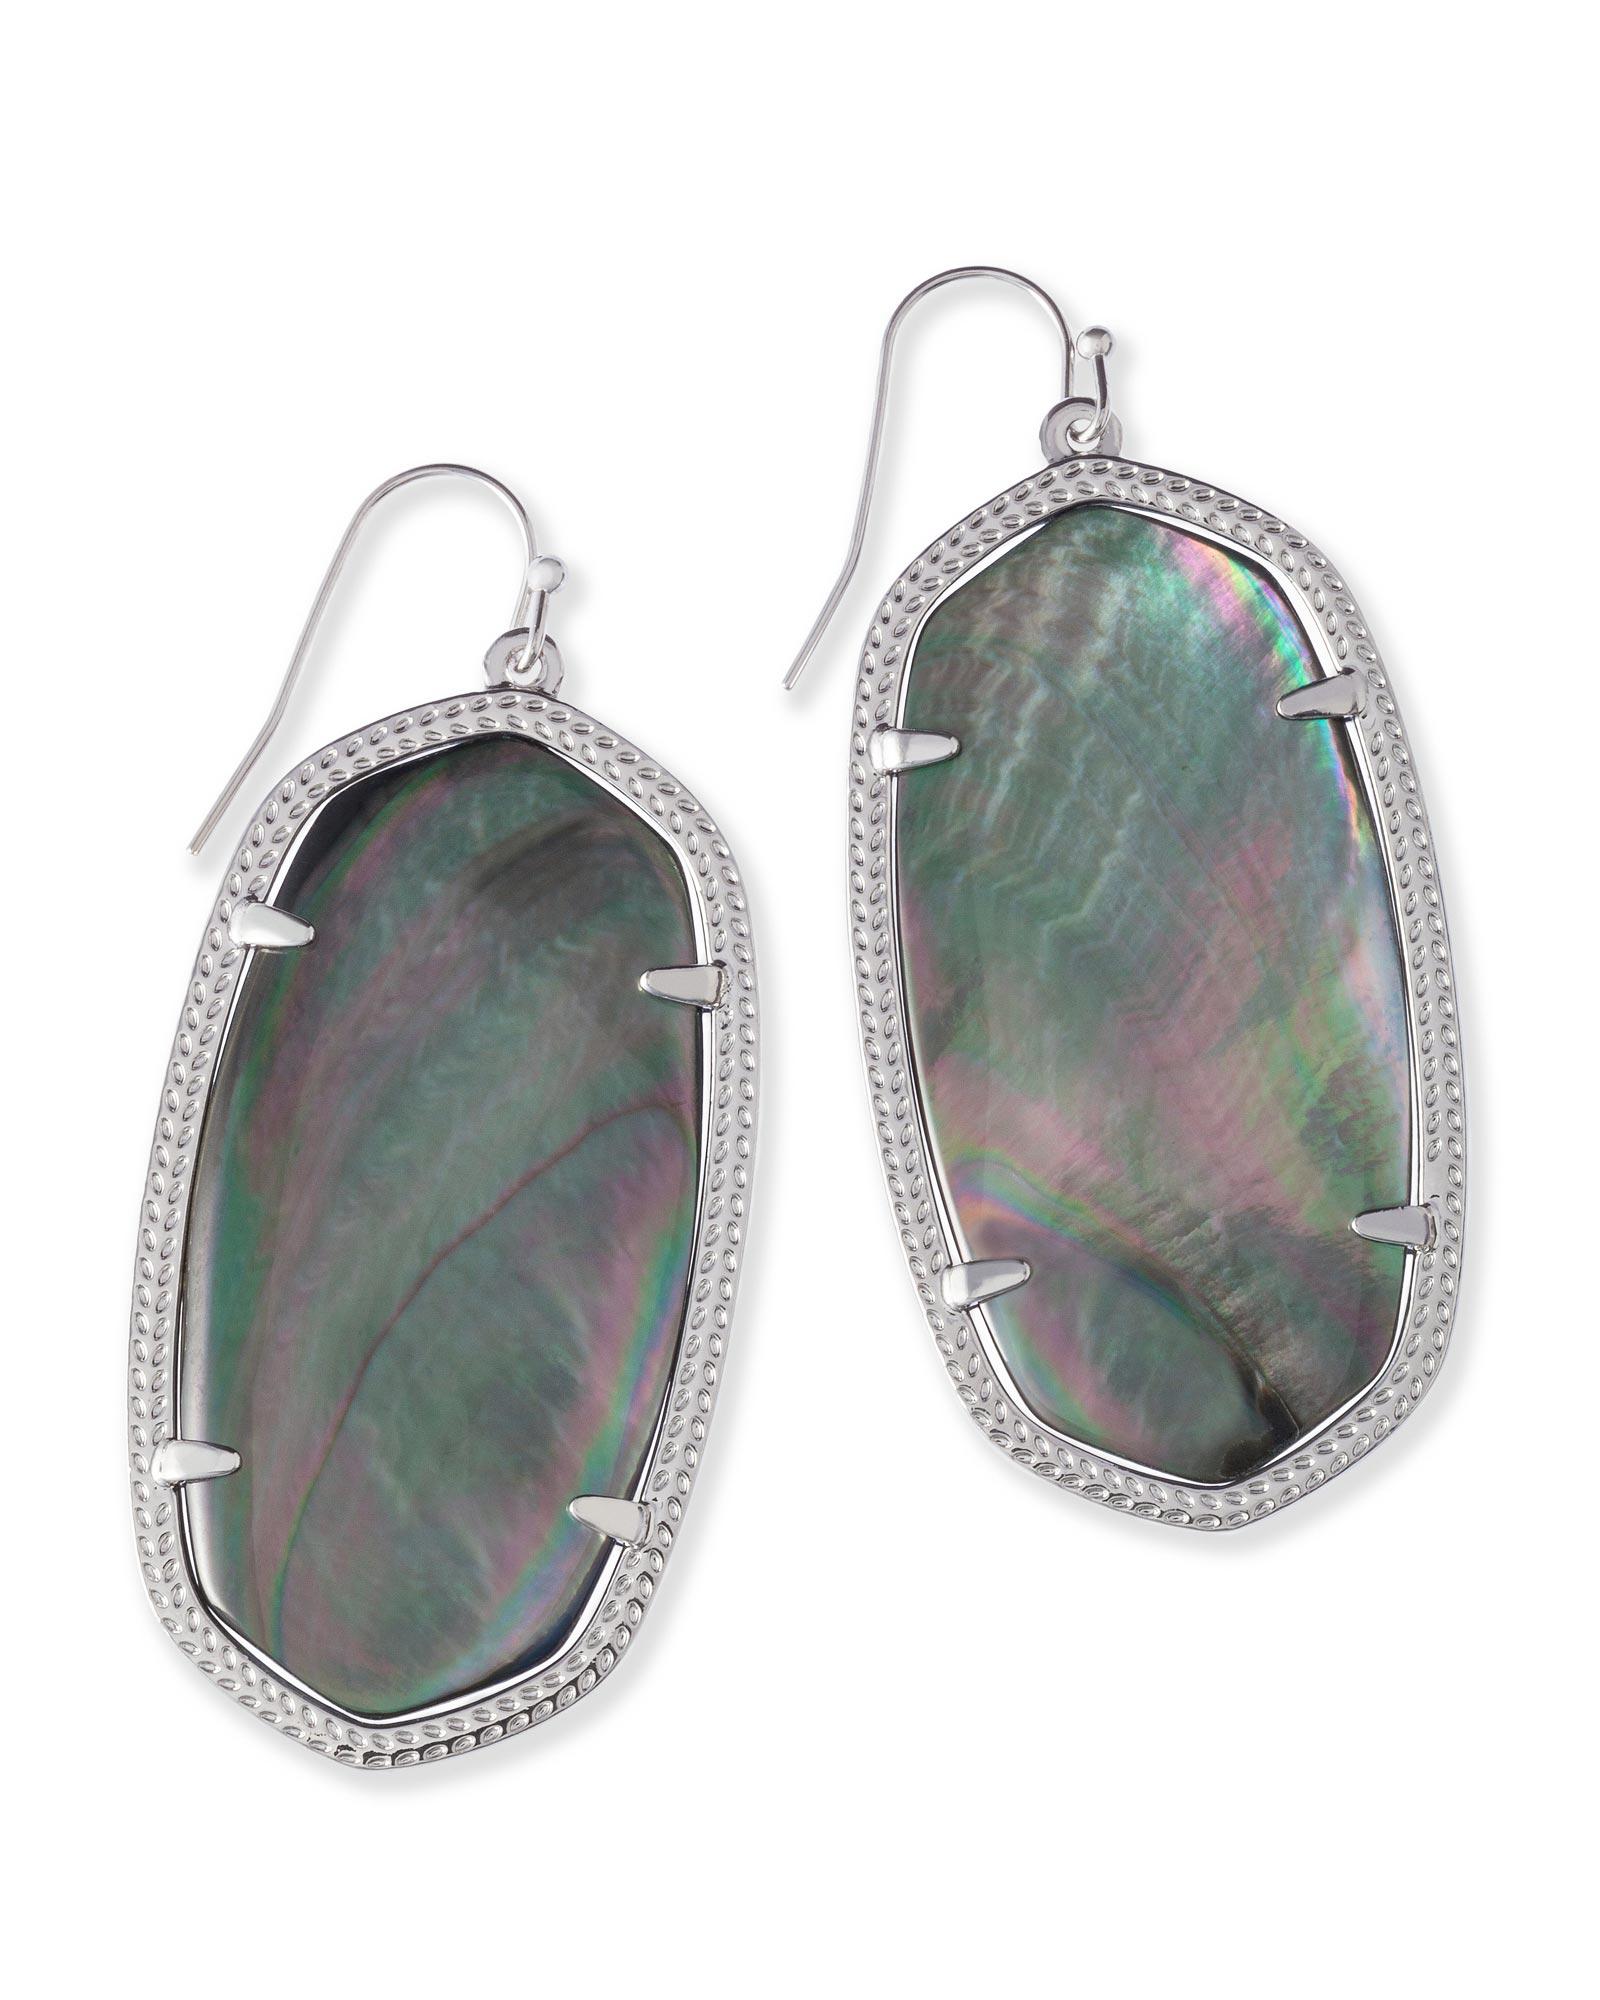 Danielle Silver Earrings In Black Pearl